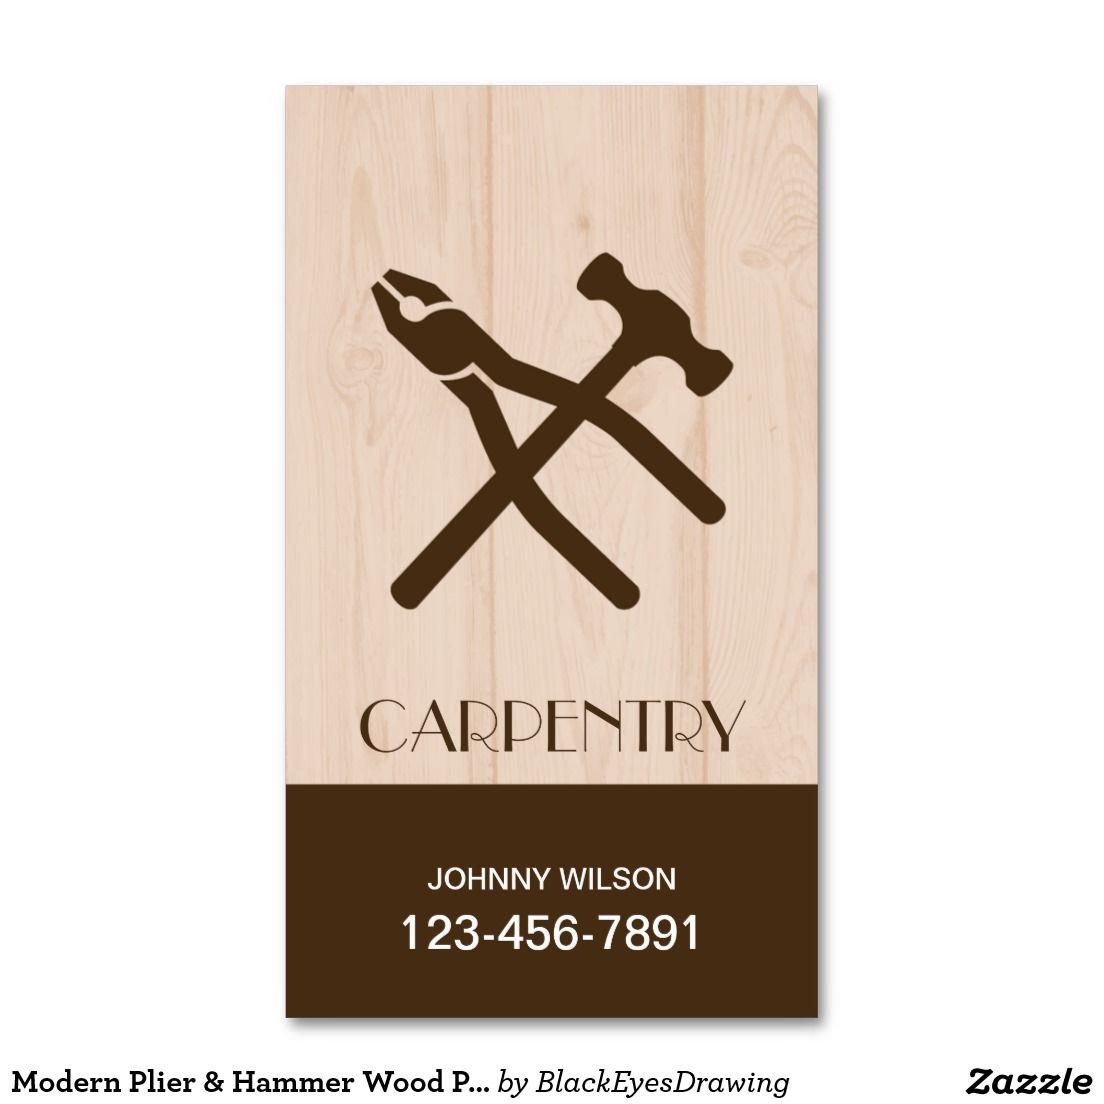 Modern plier hammer wood plate construction business card modern plier hammer wood plate construction business card reheart Image collections